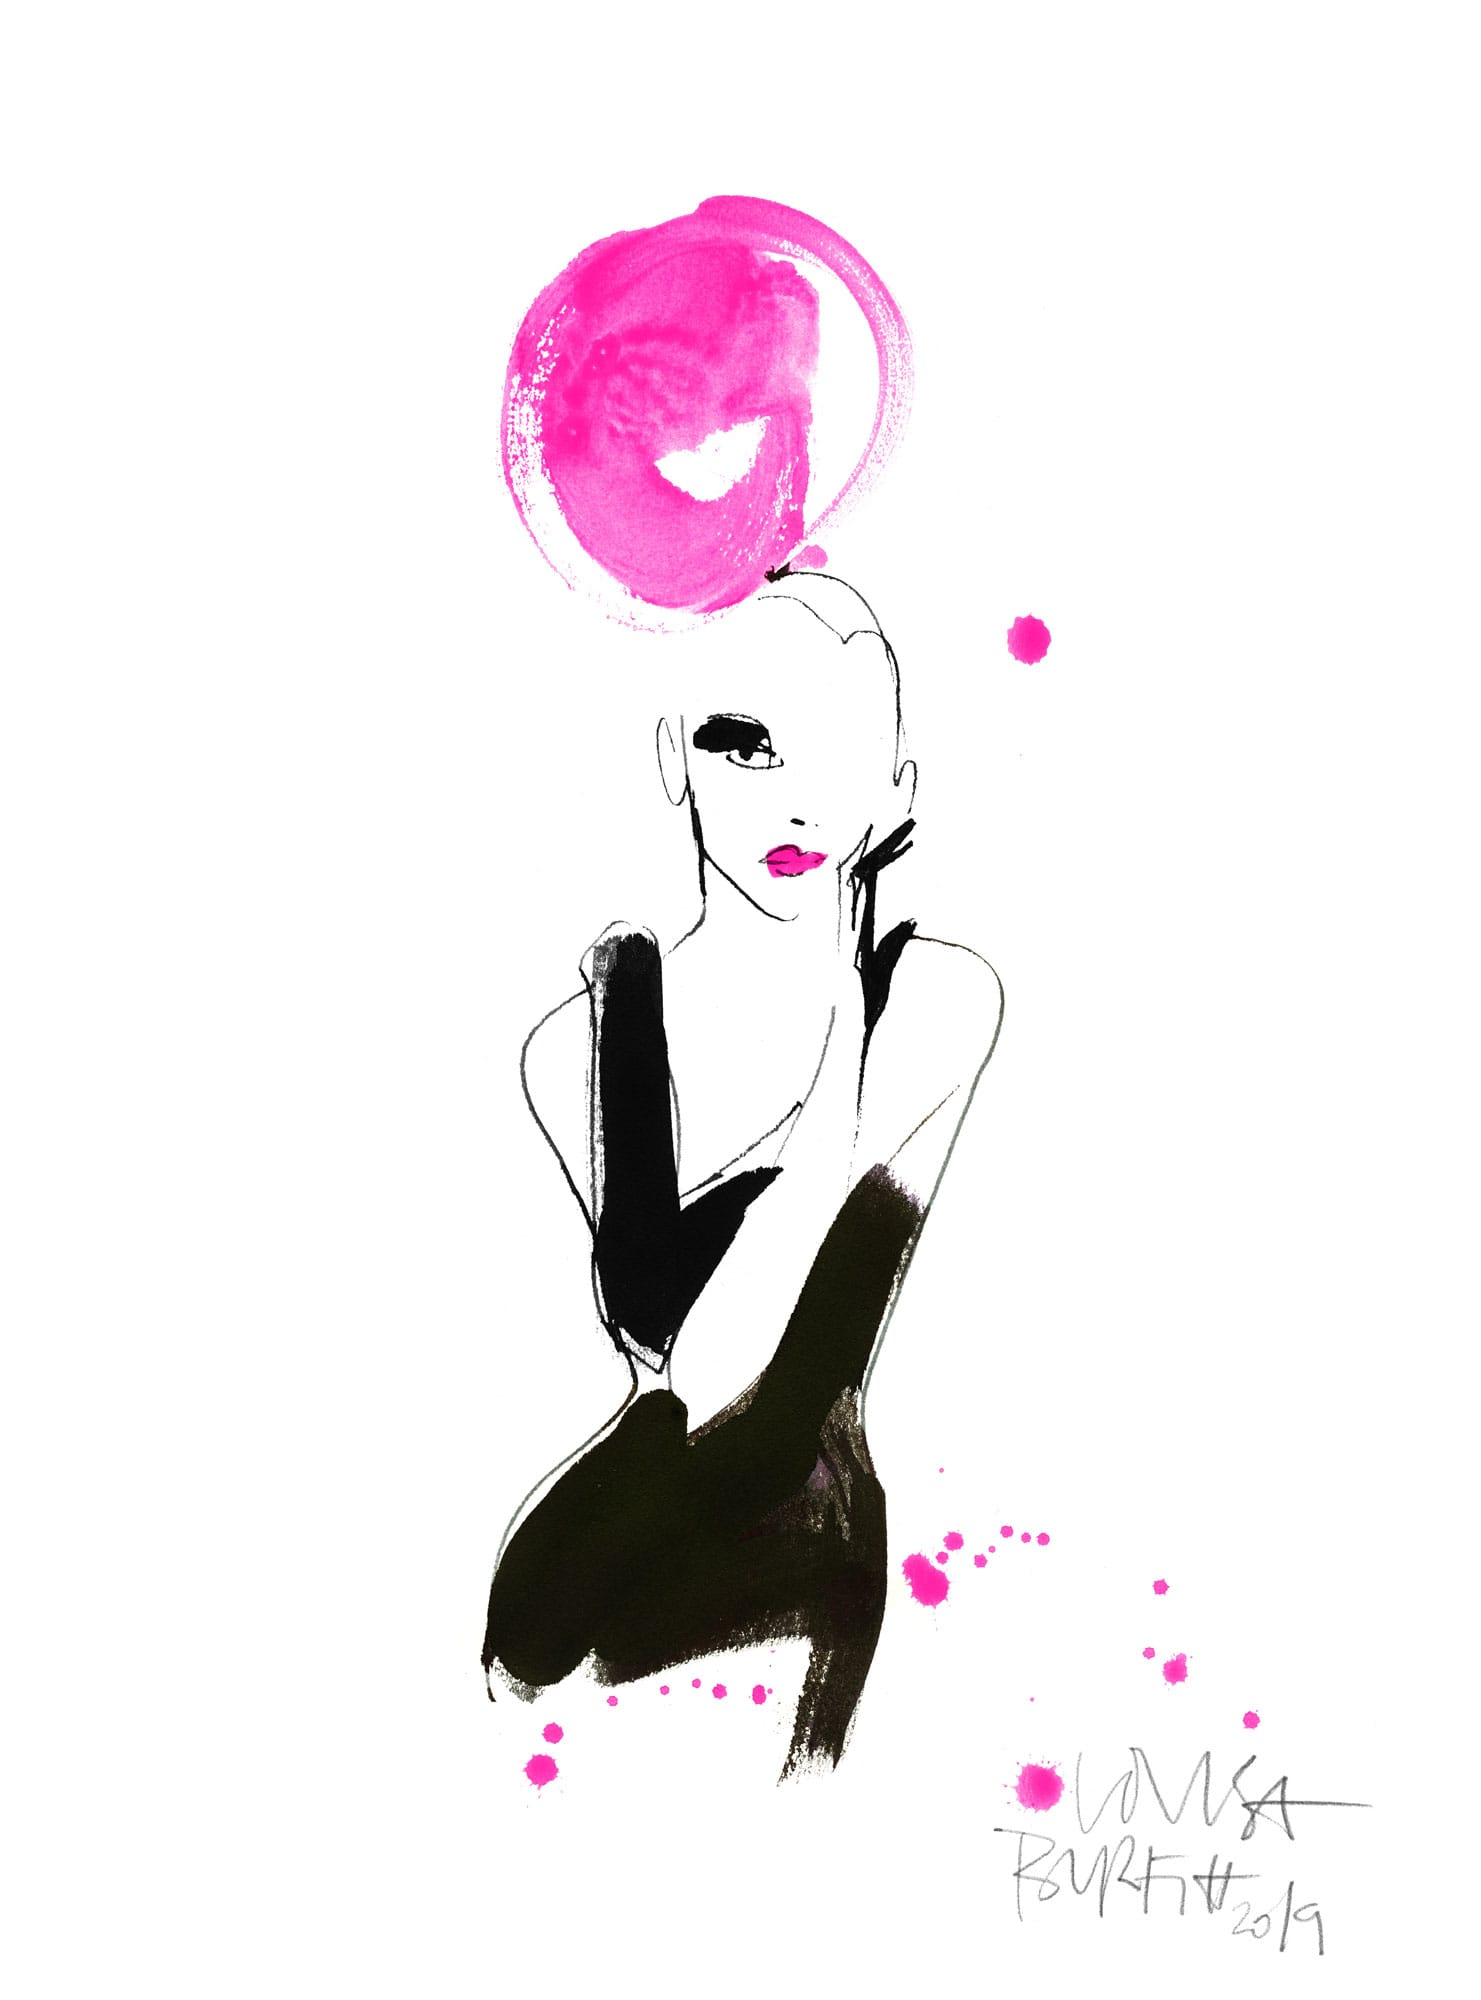 Lovisa Burfitt illustration Gant noir pompom pink